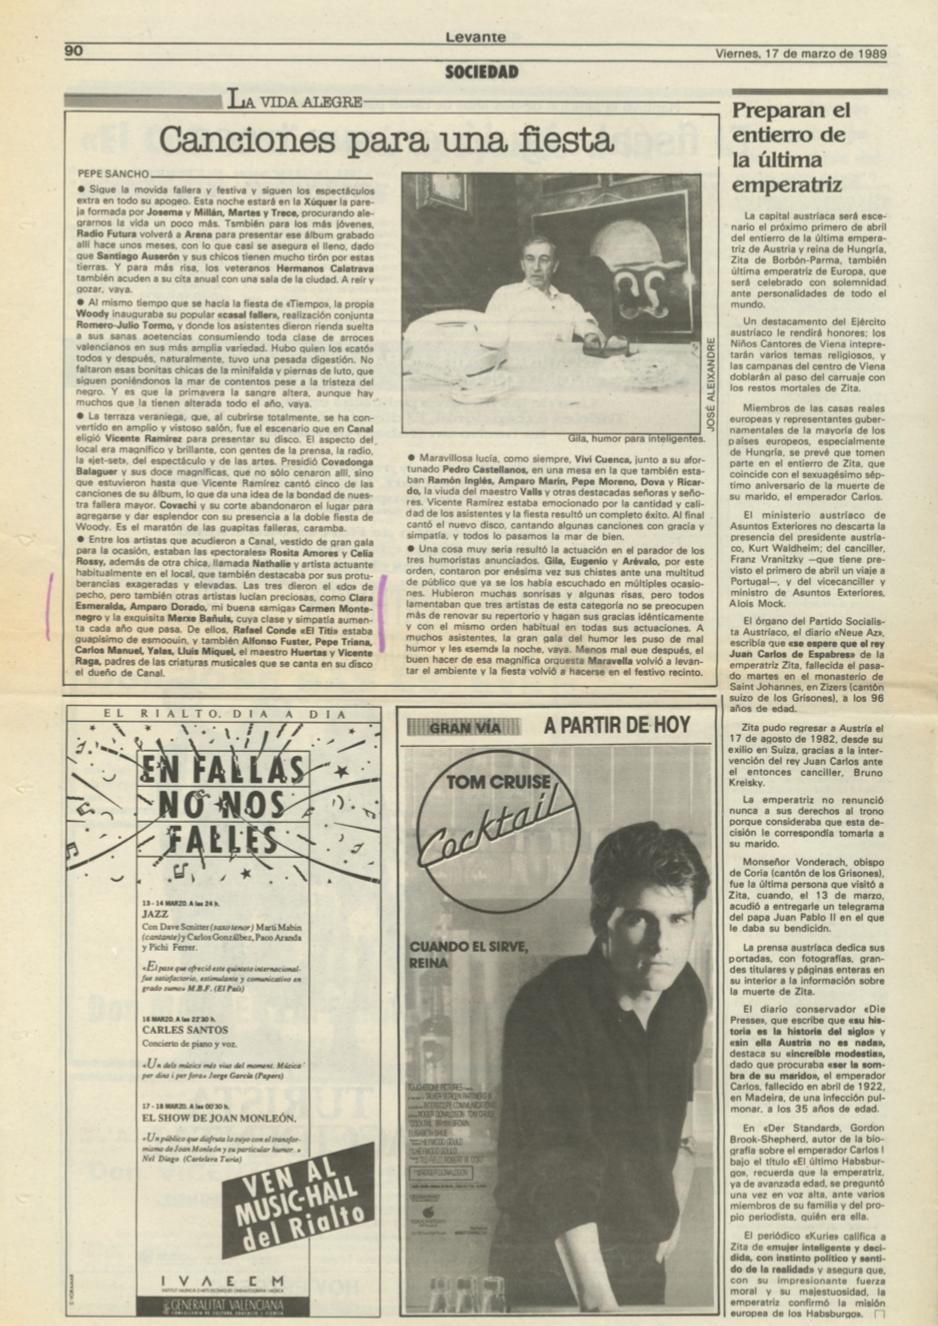 1989 Societat i Estiu Levante, Las Provincias